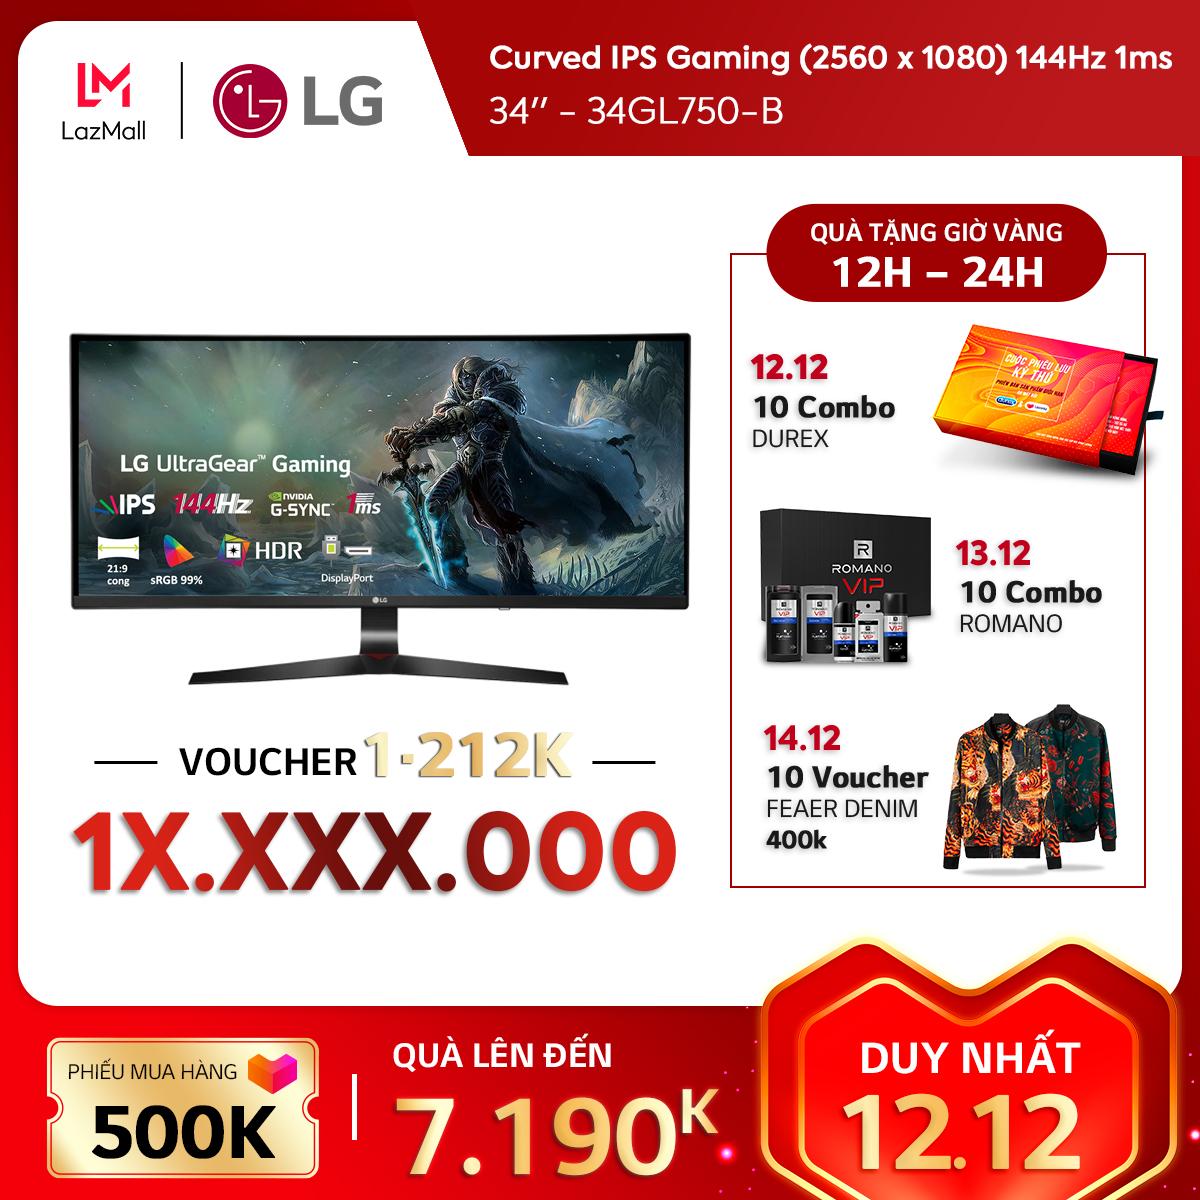 Màn hình máy tính LG Curved IPS Gaming UltraGear™ (2560 x 1080) 144Hz 1ms 34 inches l 34GL750-B l HÀNG CHÍNH HÃNG